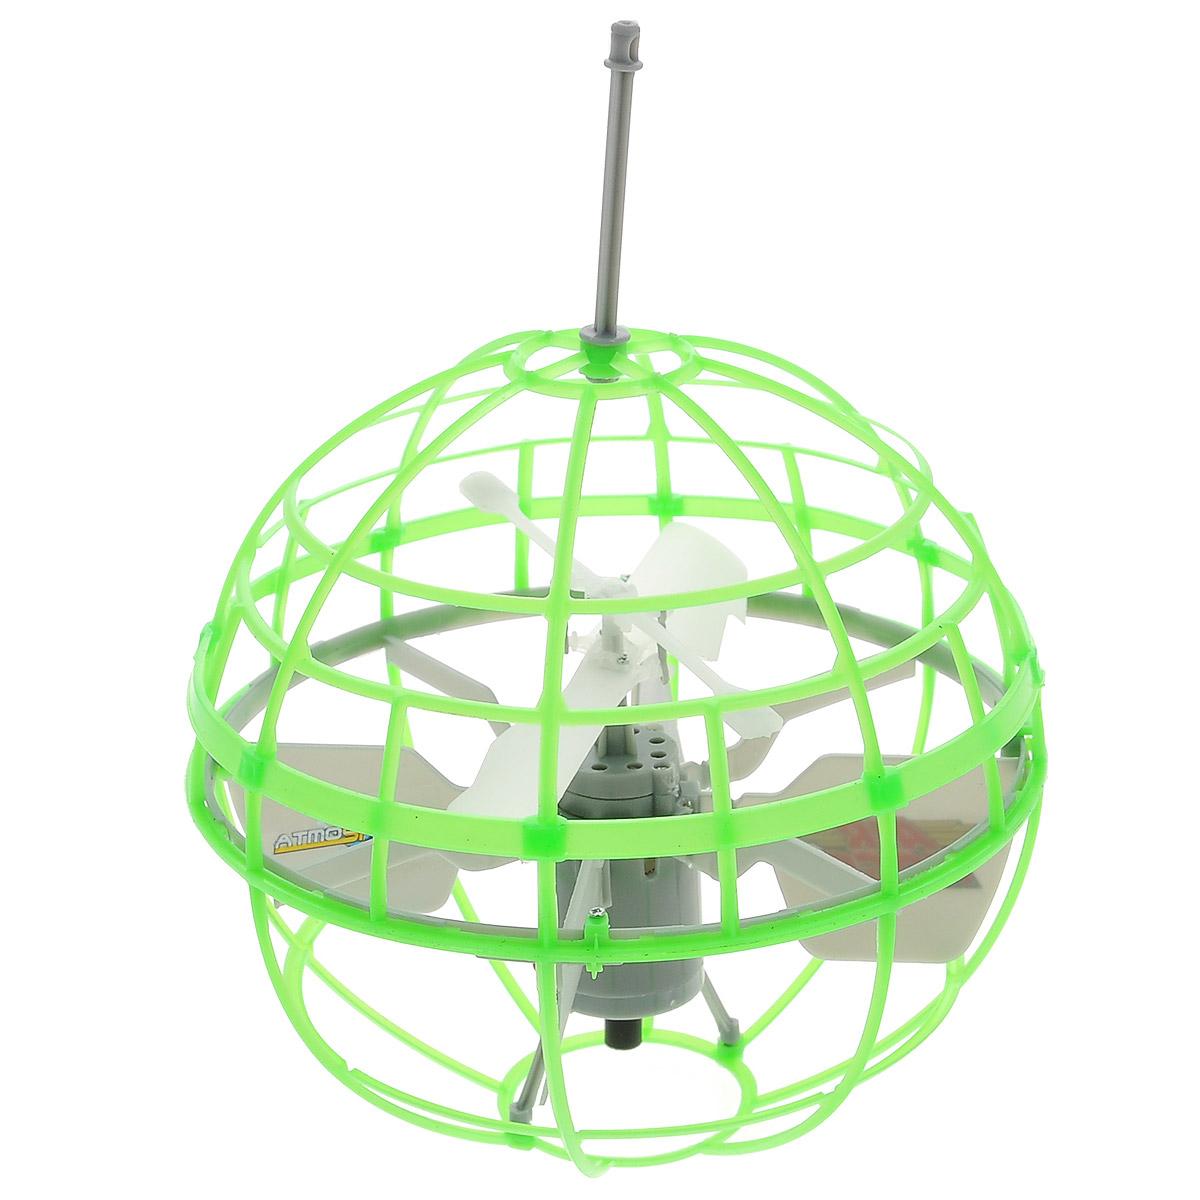 Air Hogs Игрушка на радиоуправлении Atmosphere Axis цвет зеленый 44475